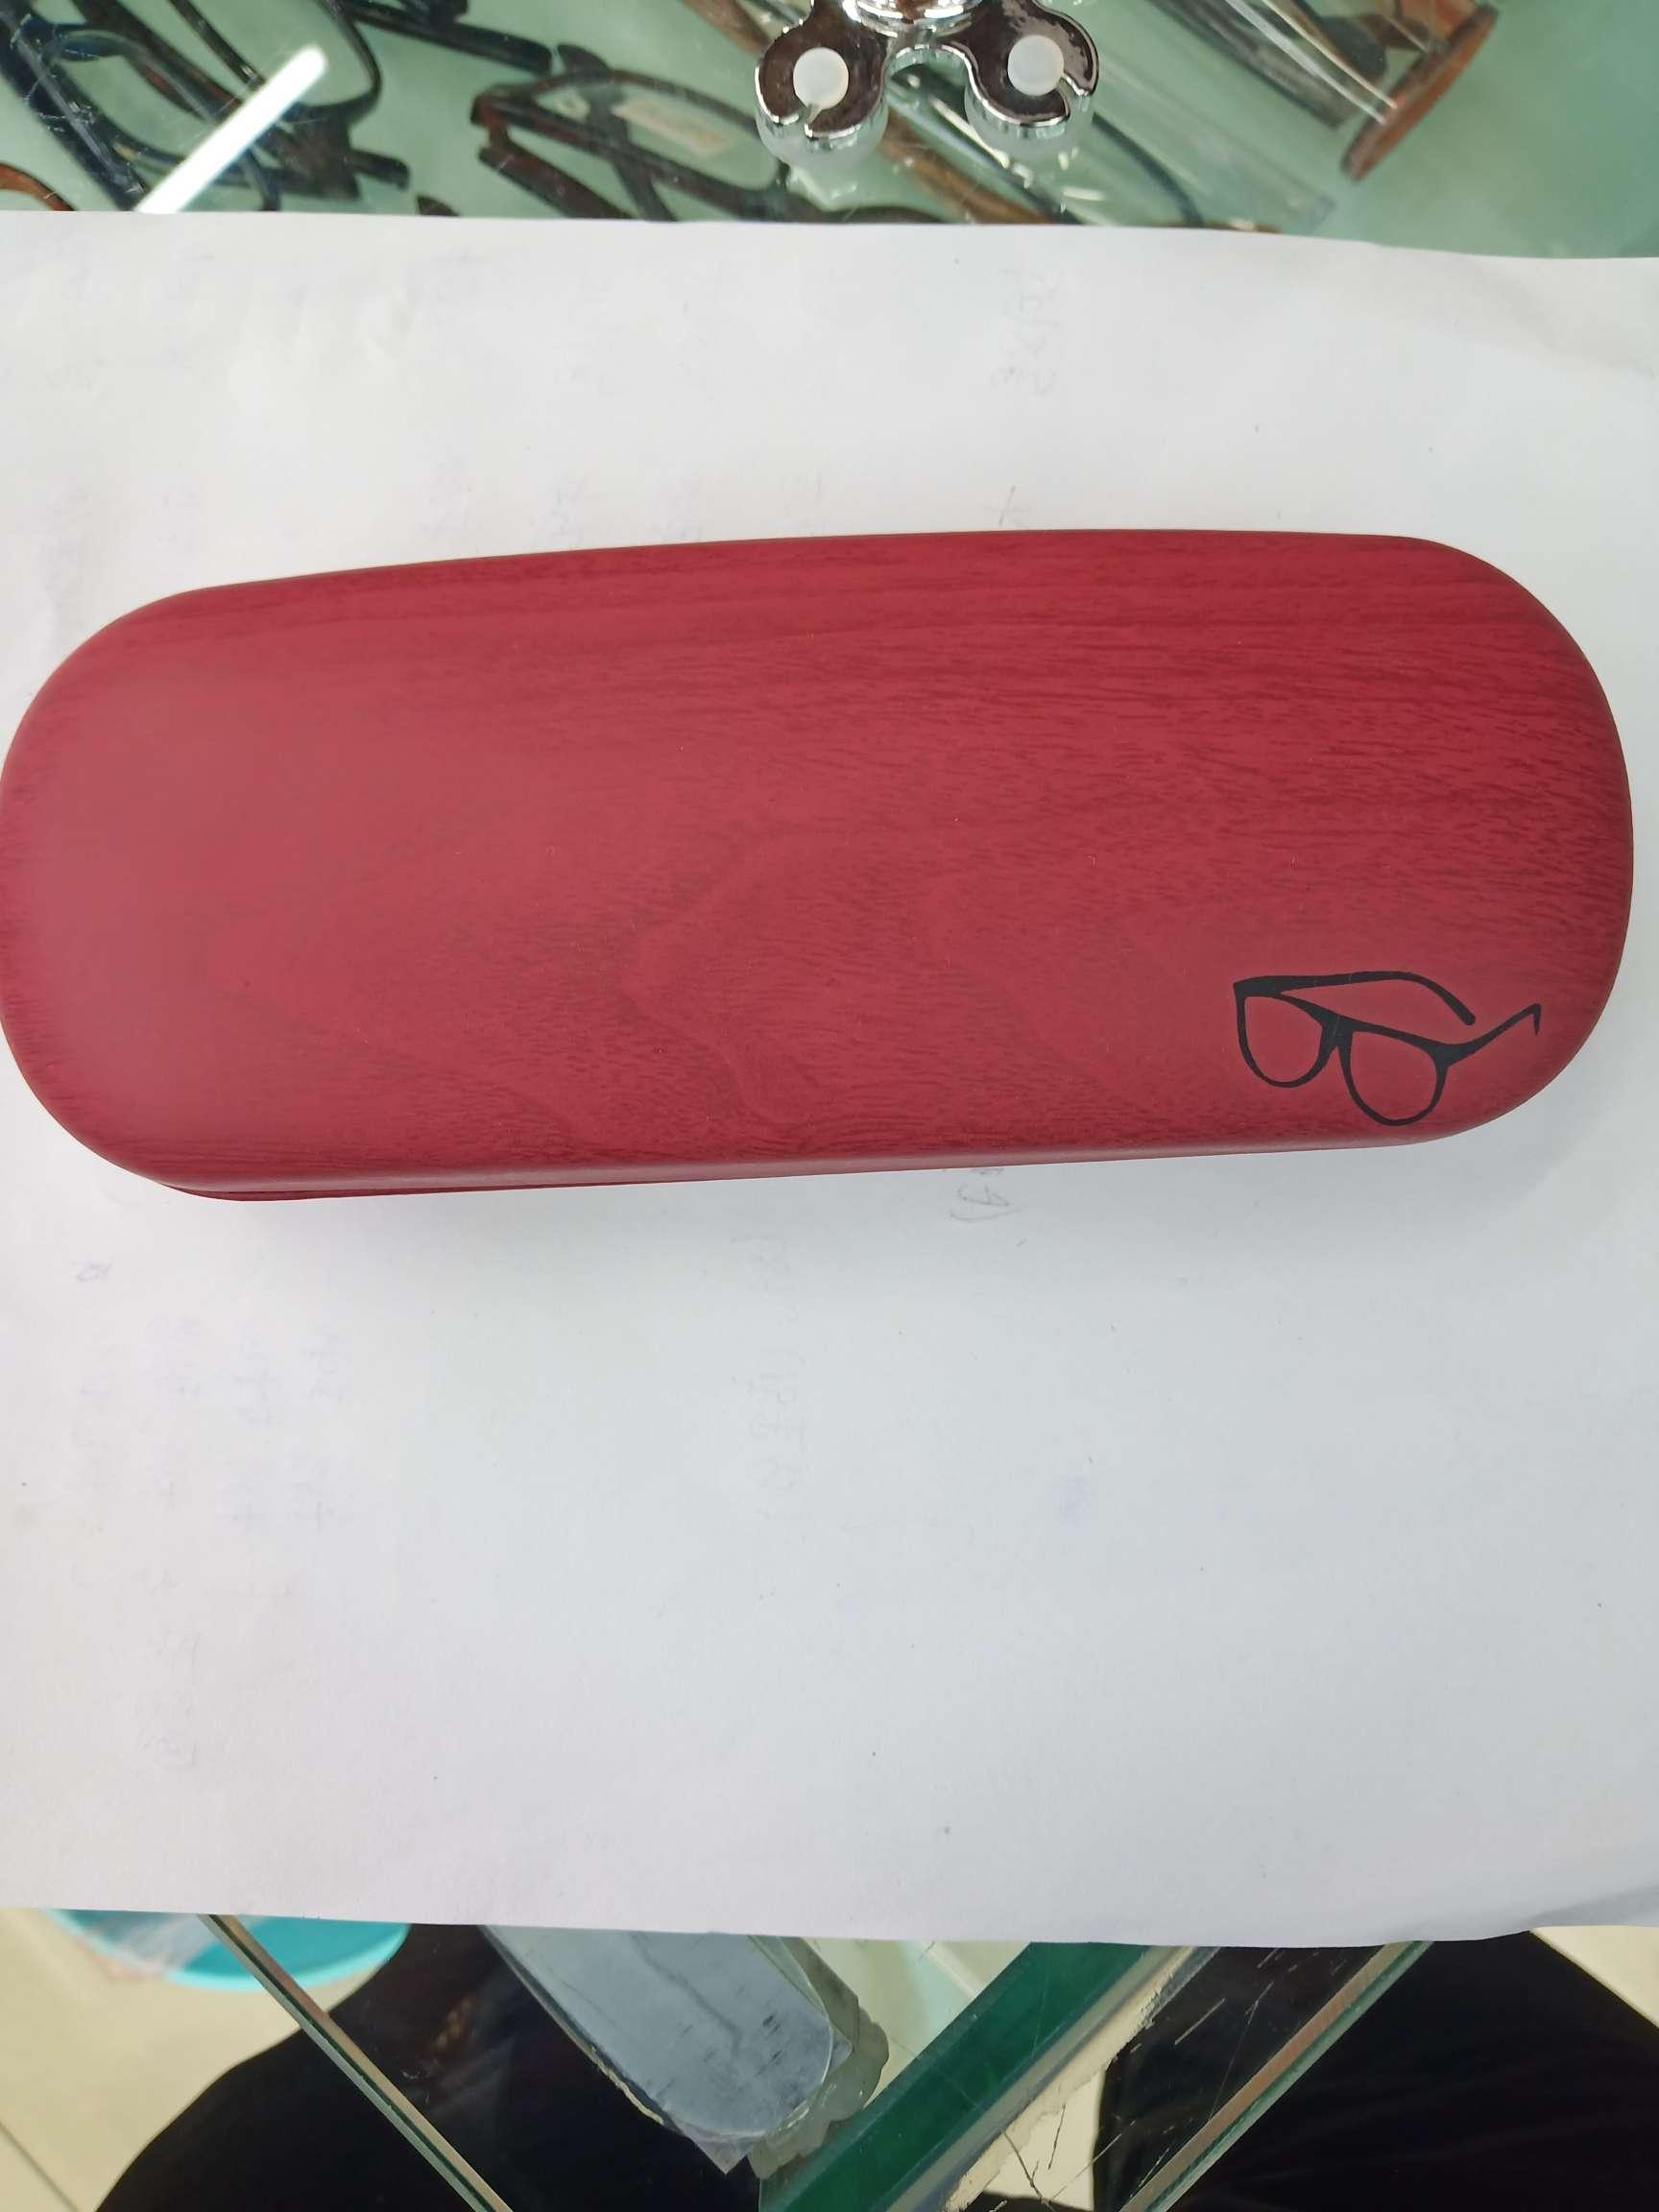 平光,近视眼镜盒